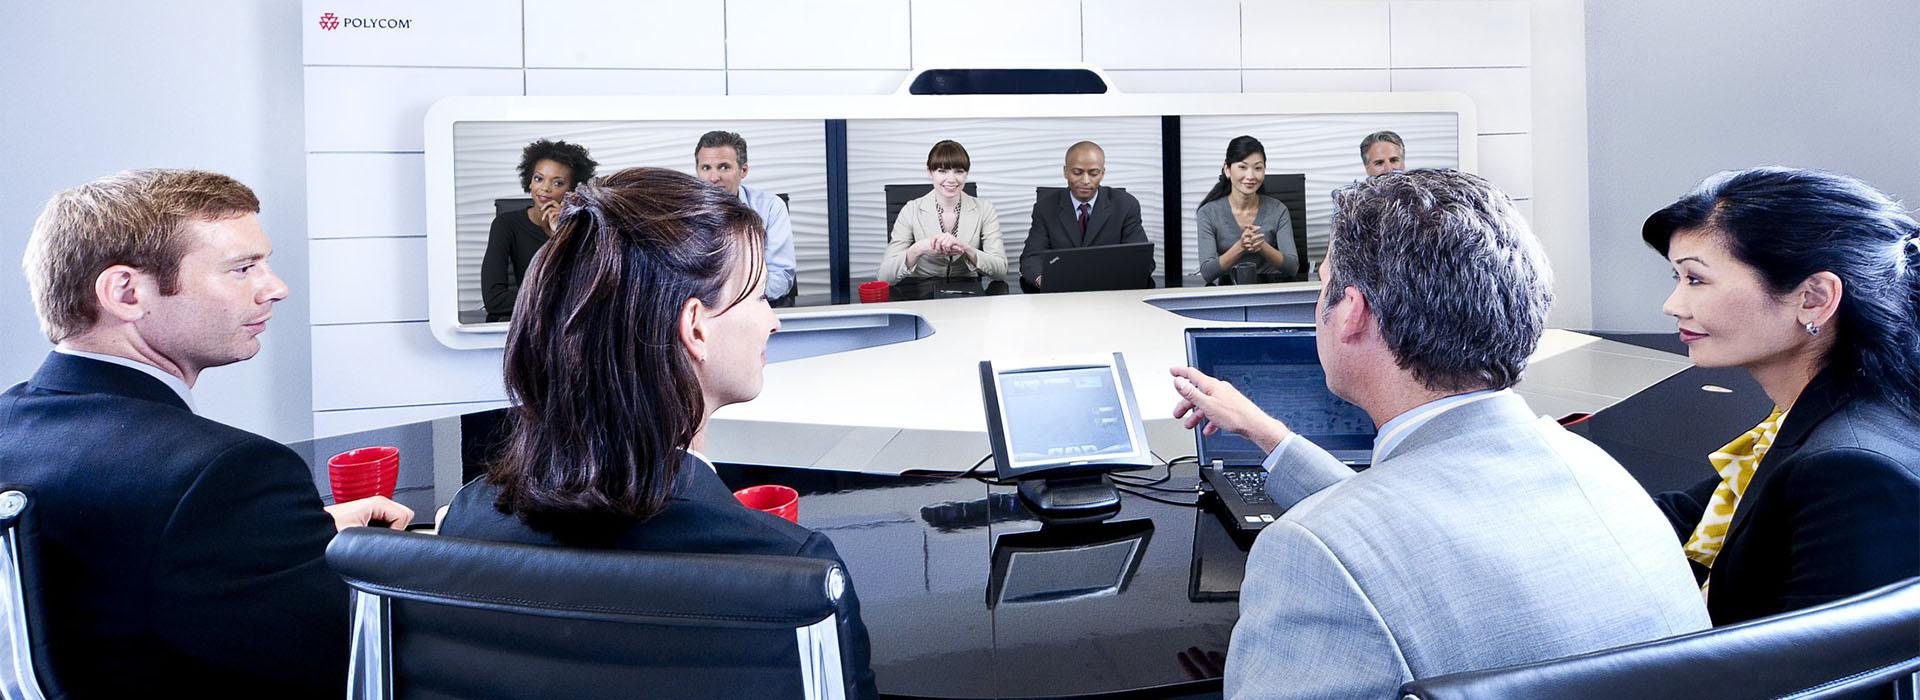 videoconferenze-1920x700